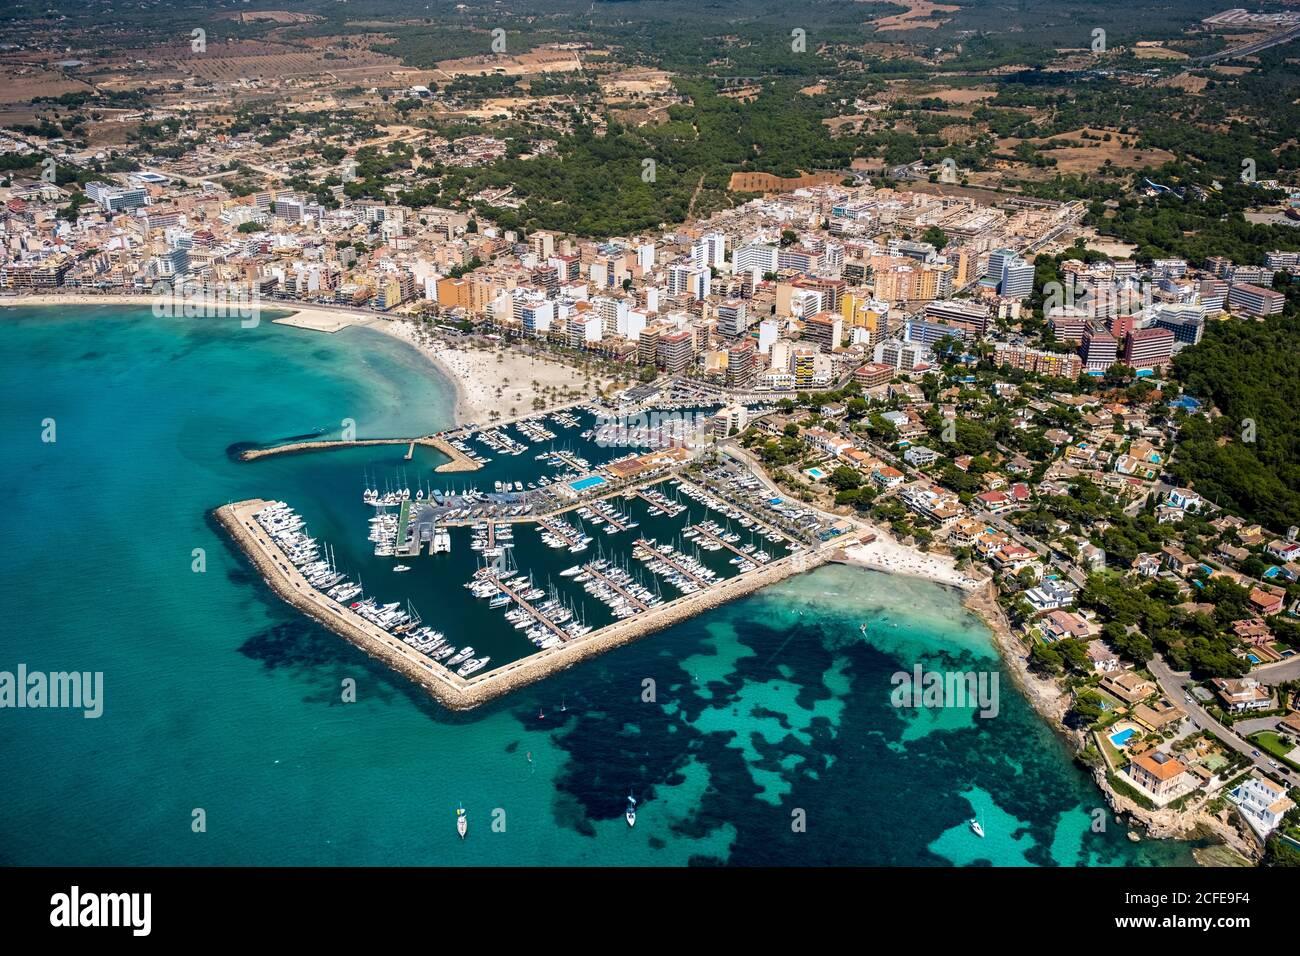 Luftaufnahme des Hafens von Arenal mit Strand und Bucht, S'arenal, Arenal, Ballermann, Mallorca, Balearen, Spanien Stockfoto